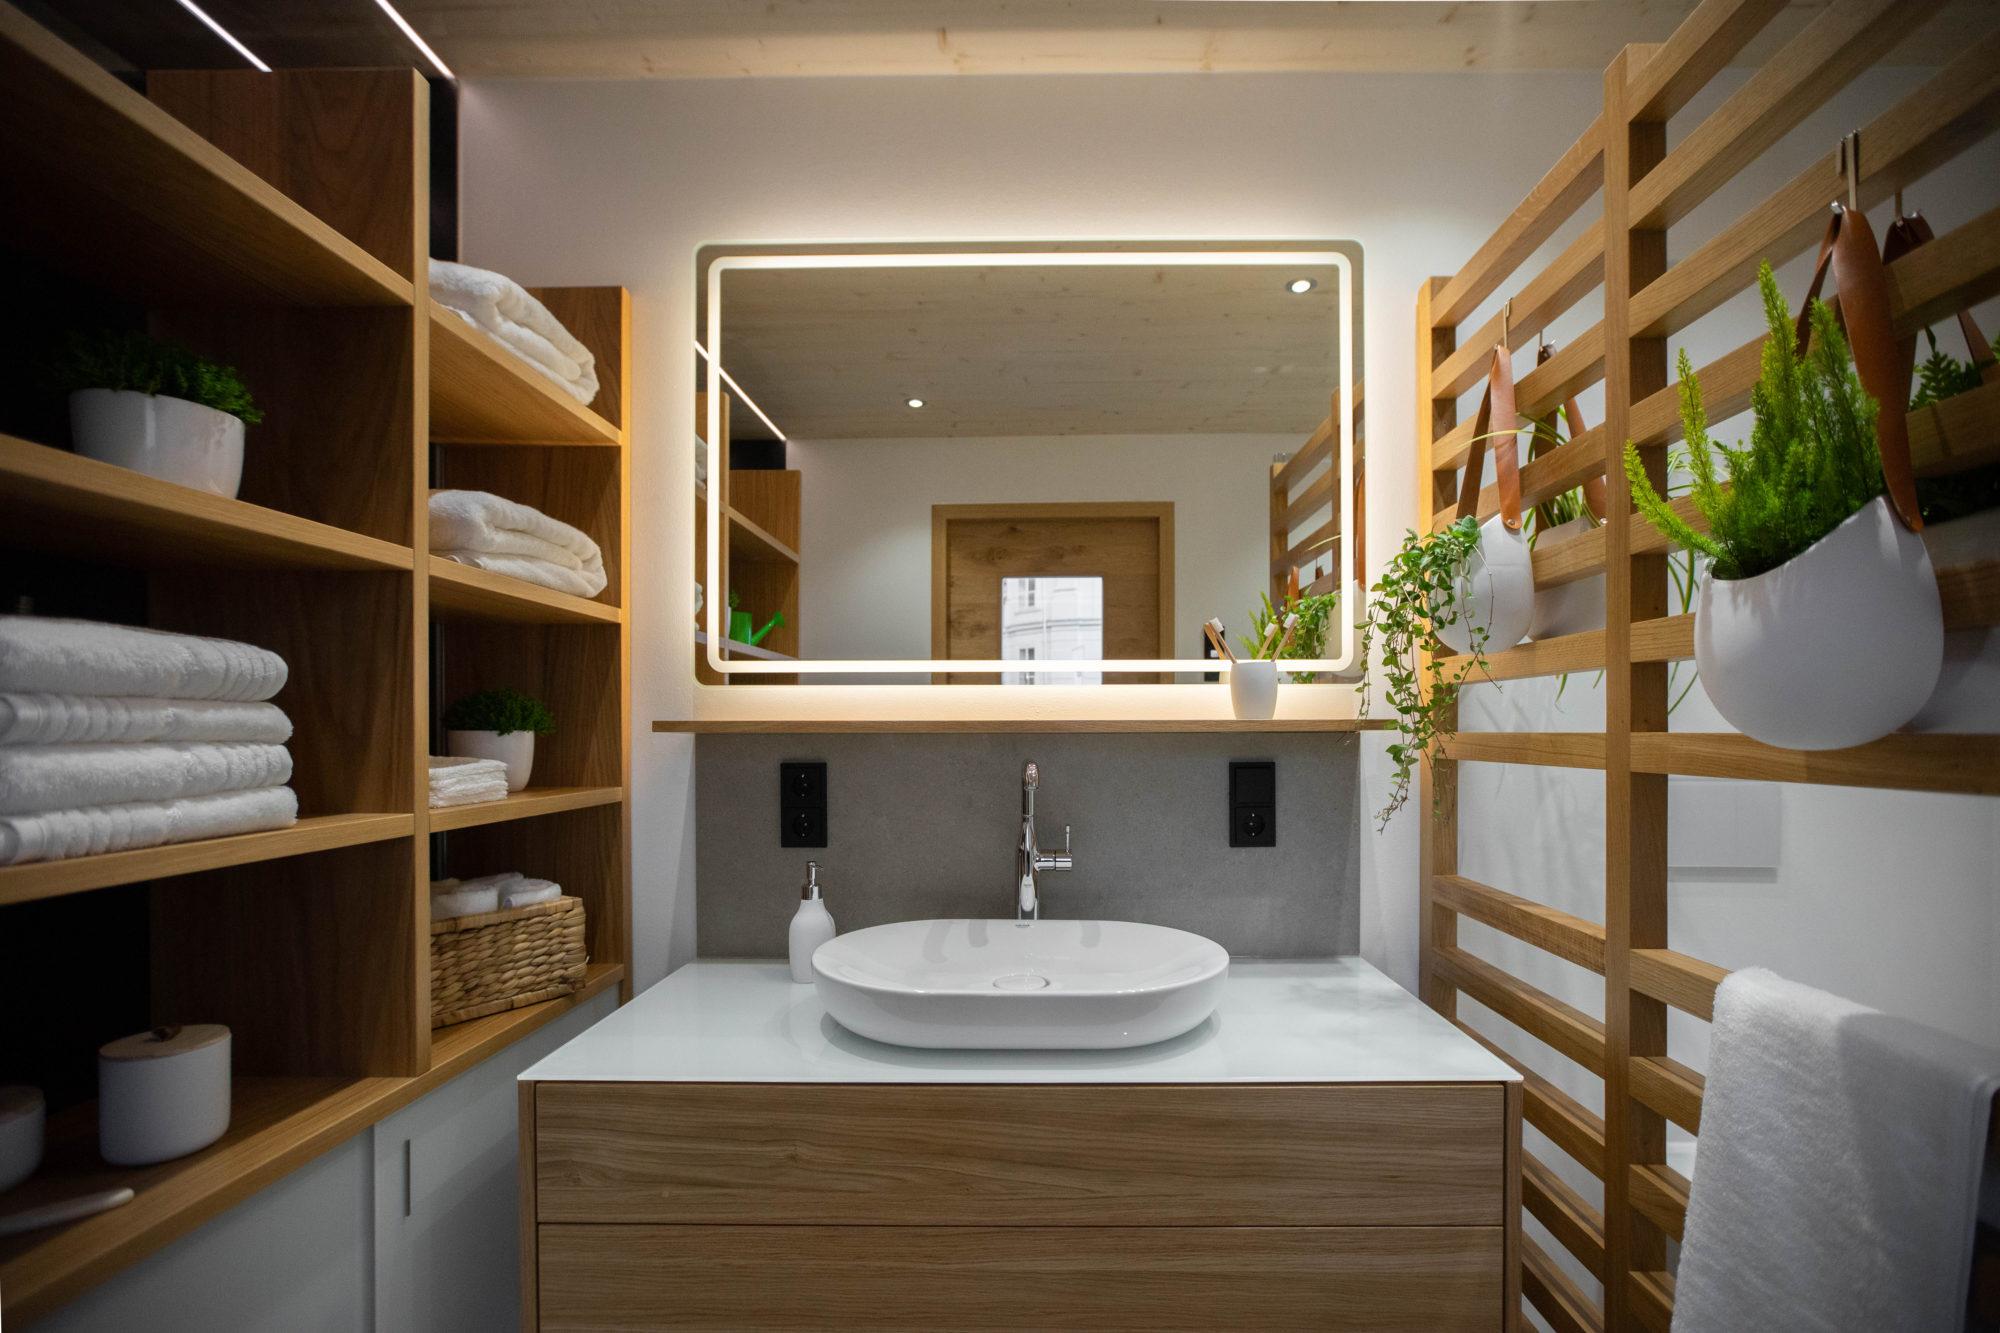 Tjiko – Das Bad der Zukunft kommt in einer Box geflogen